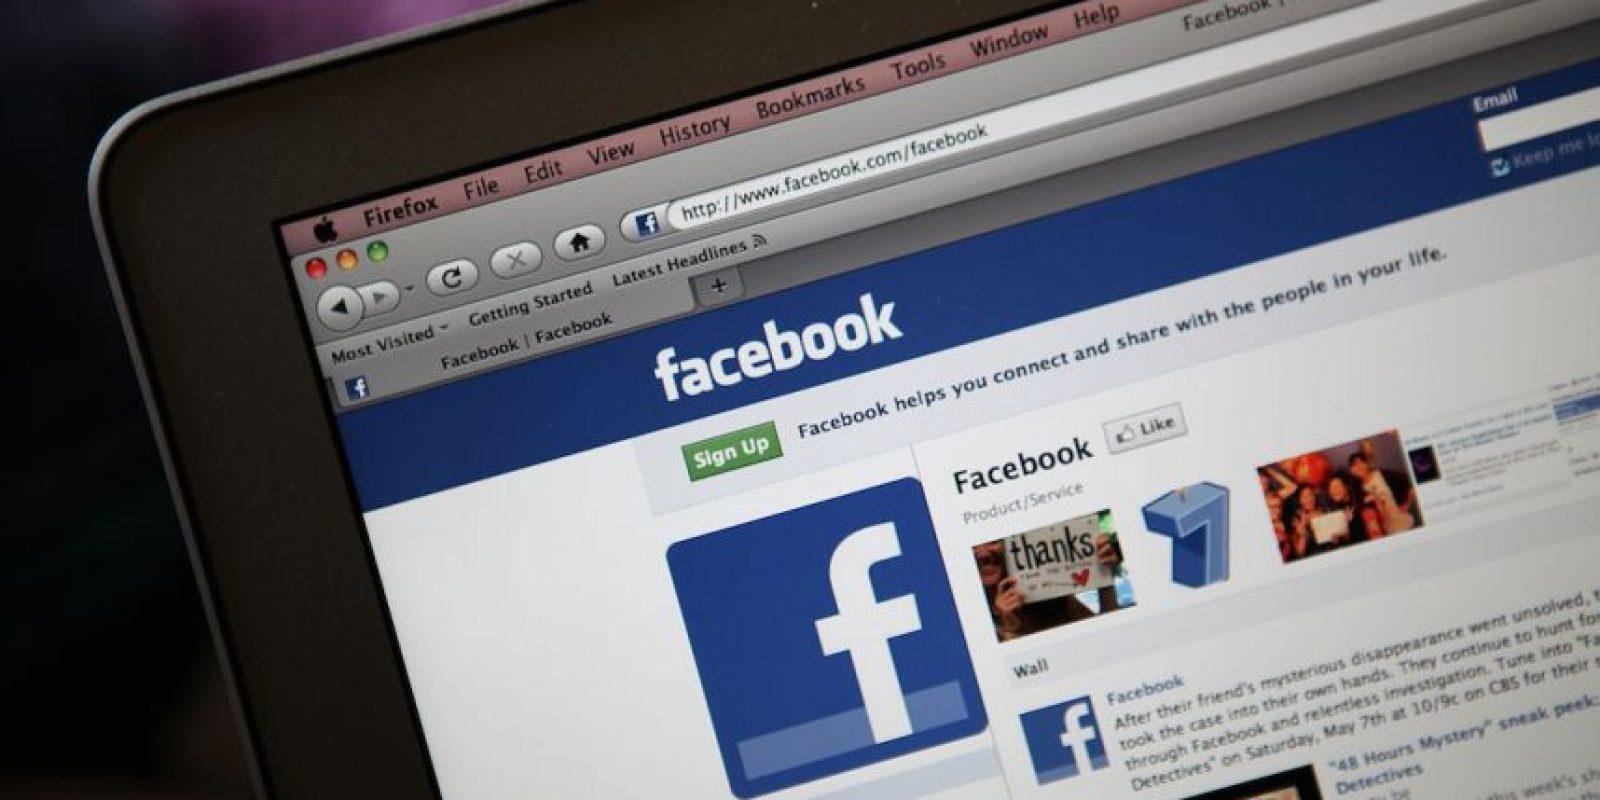 El español fue el segundo idioma en el que estuvo disponible Facebook, después del inglés. Foto:vía Tumblr.com